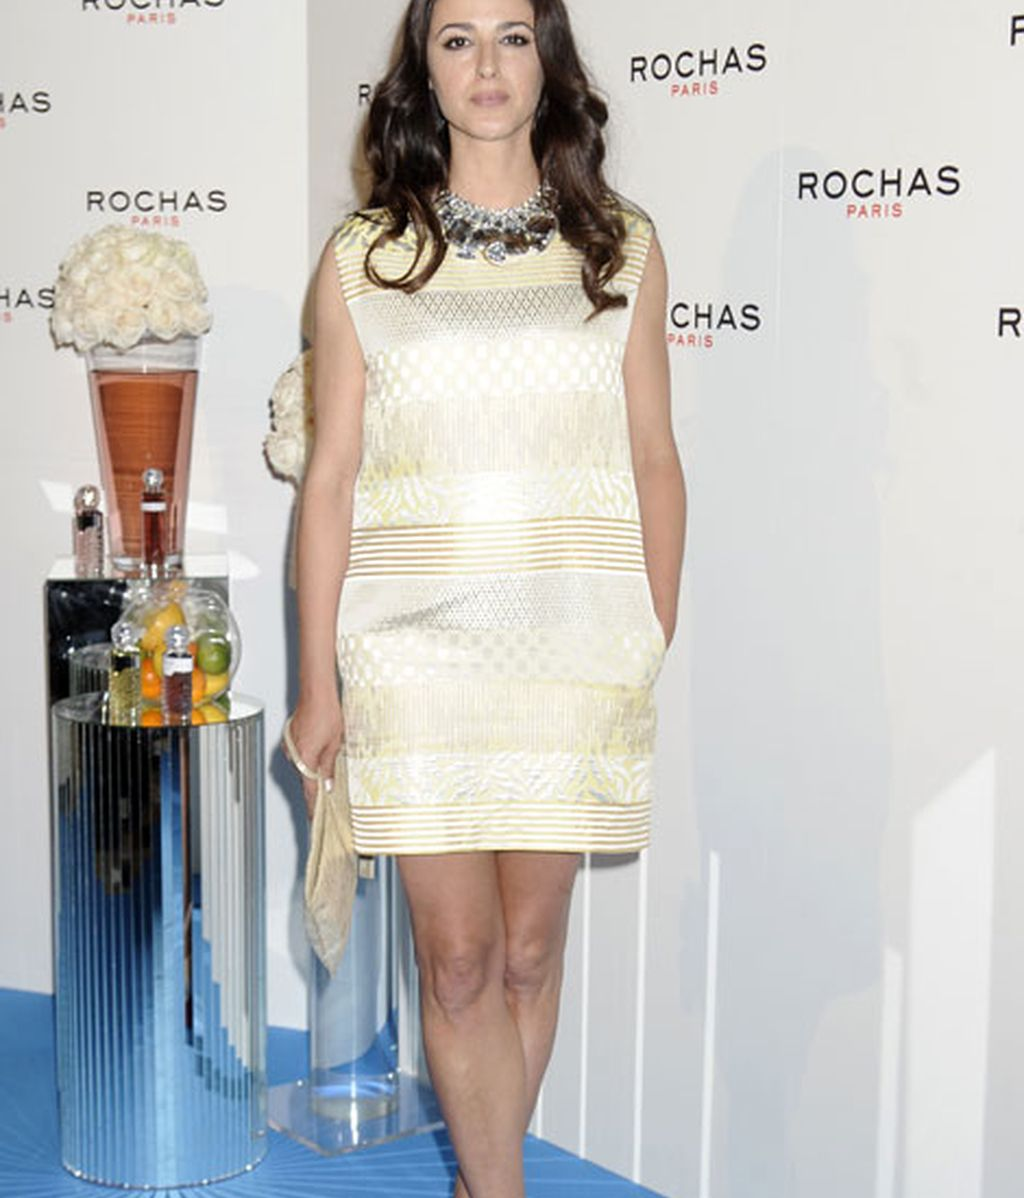 La actriz Mónica Estarreado lució un increíble vestido beige